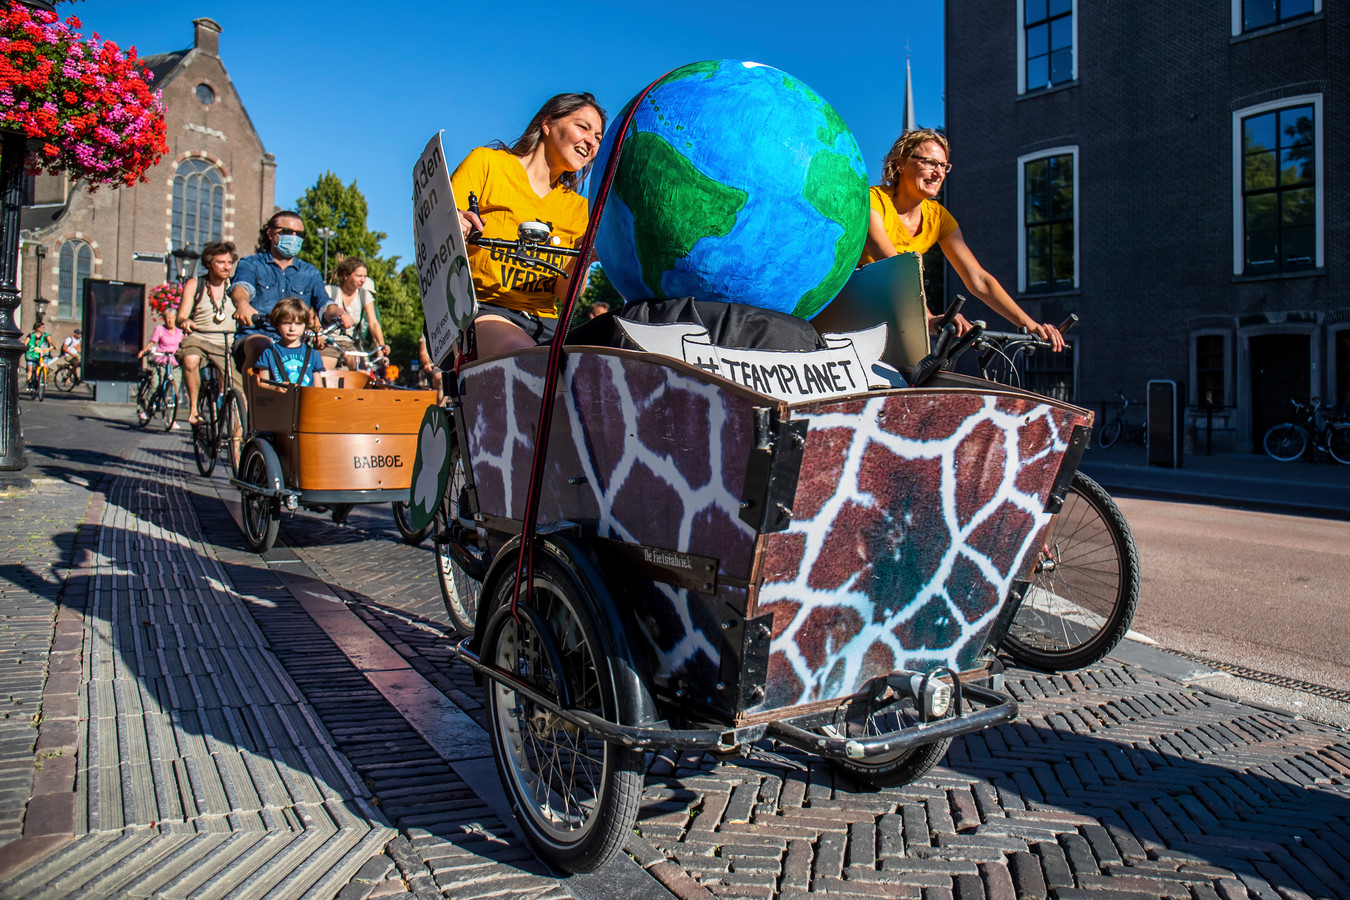 Extinction Rebellion fietst voor het klimaat en tegen verbreding van de A27 bij Amelisweerd.